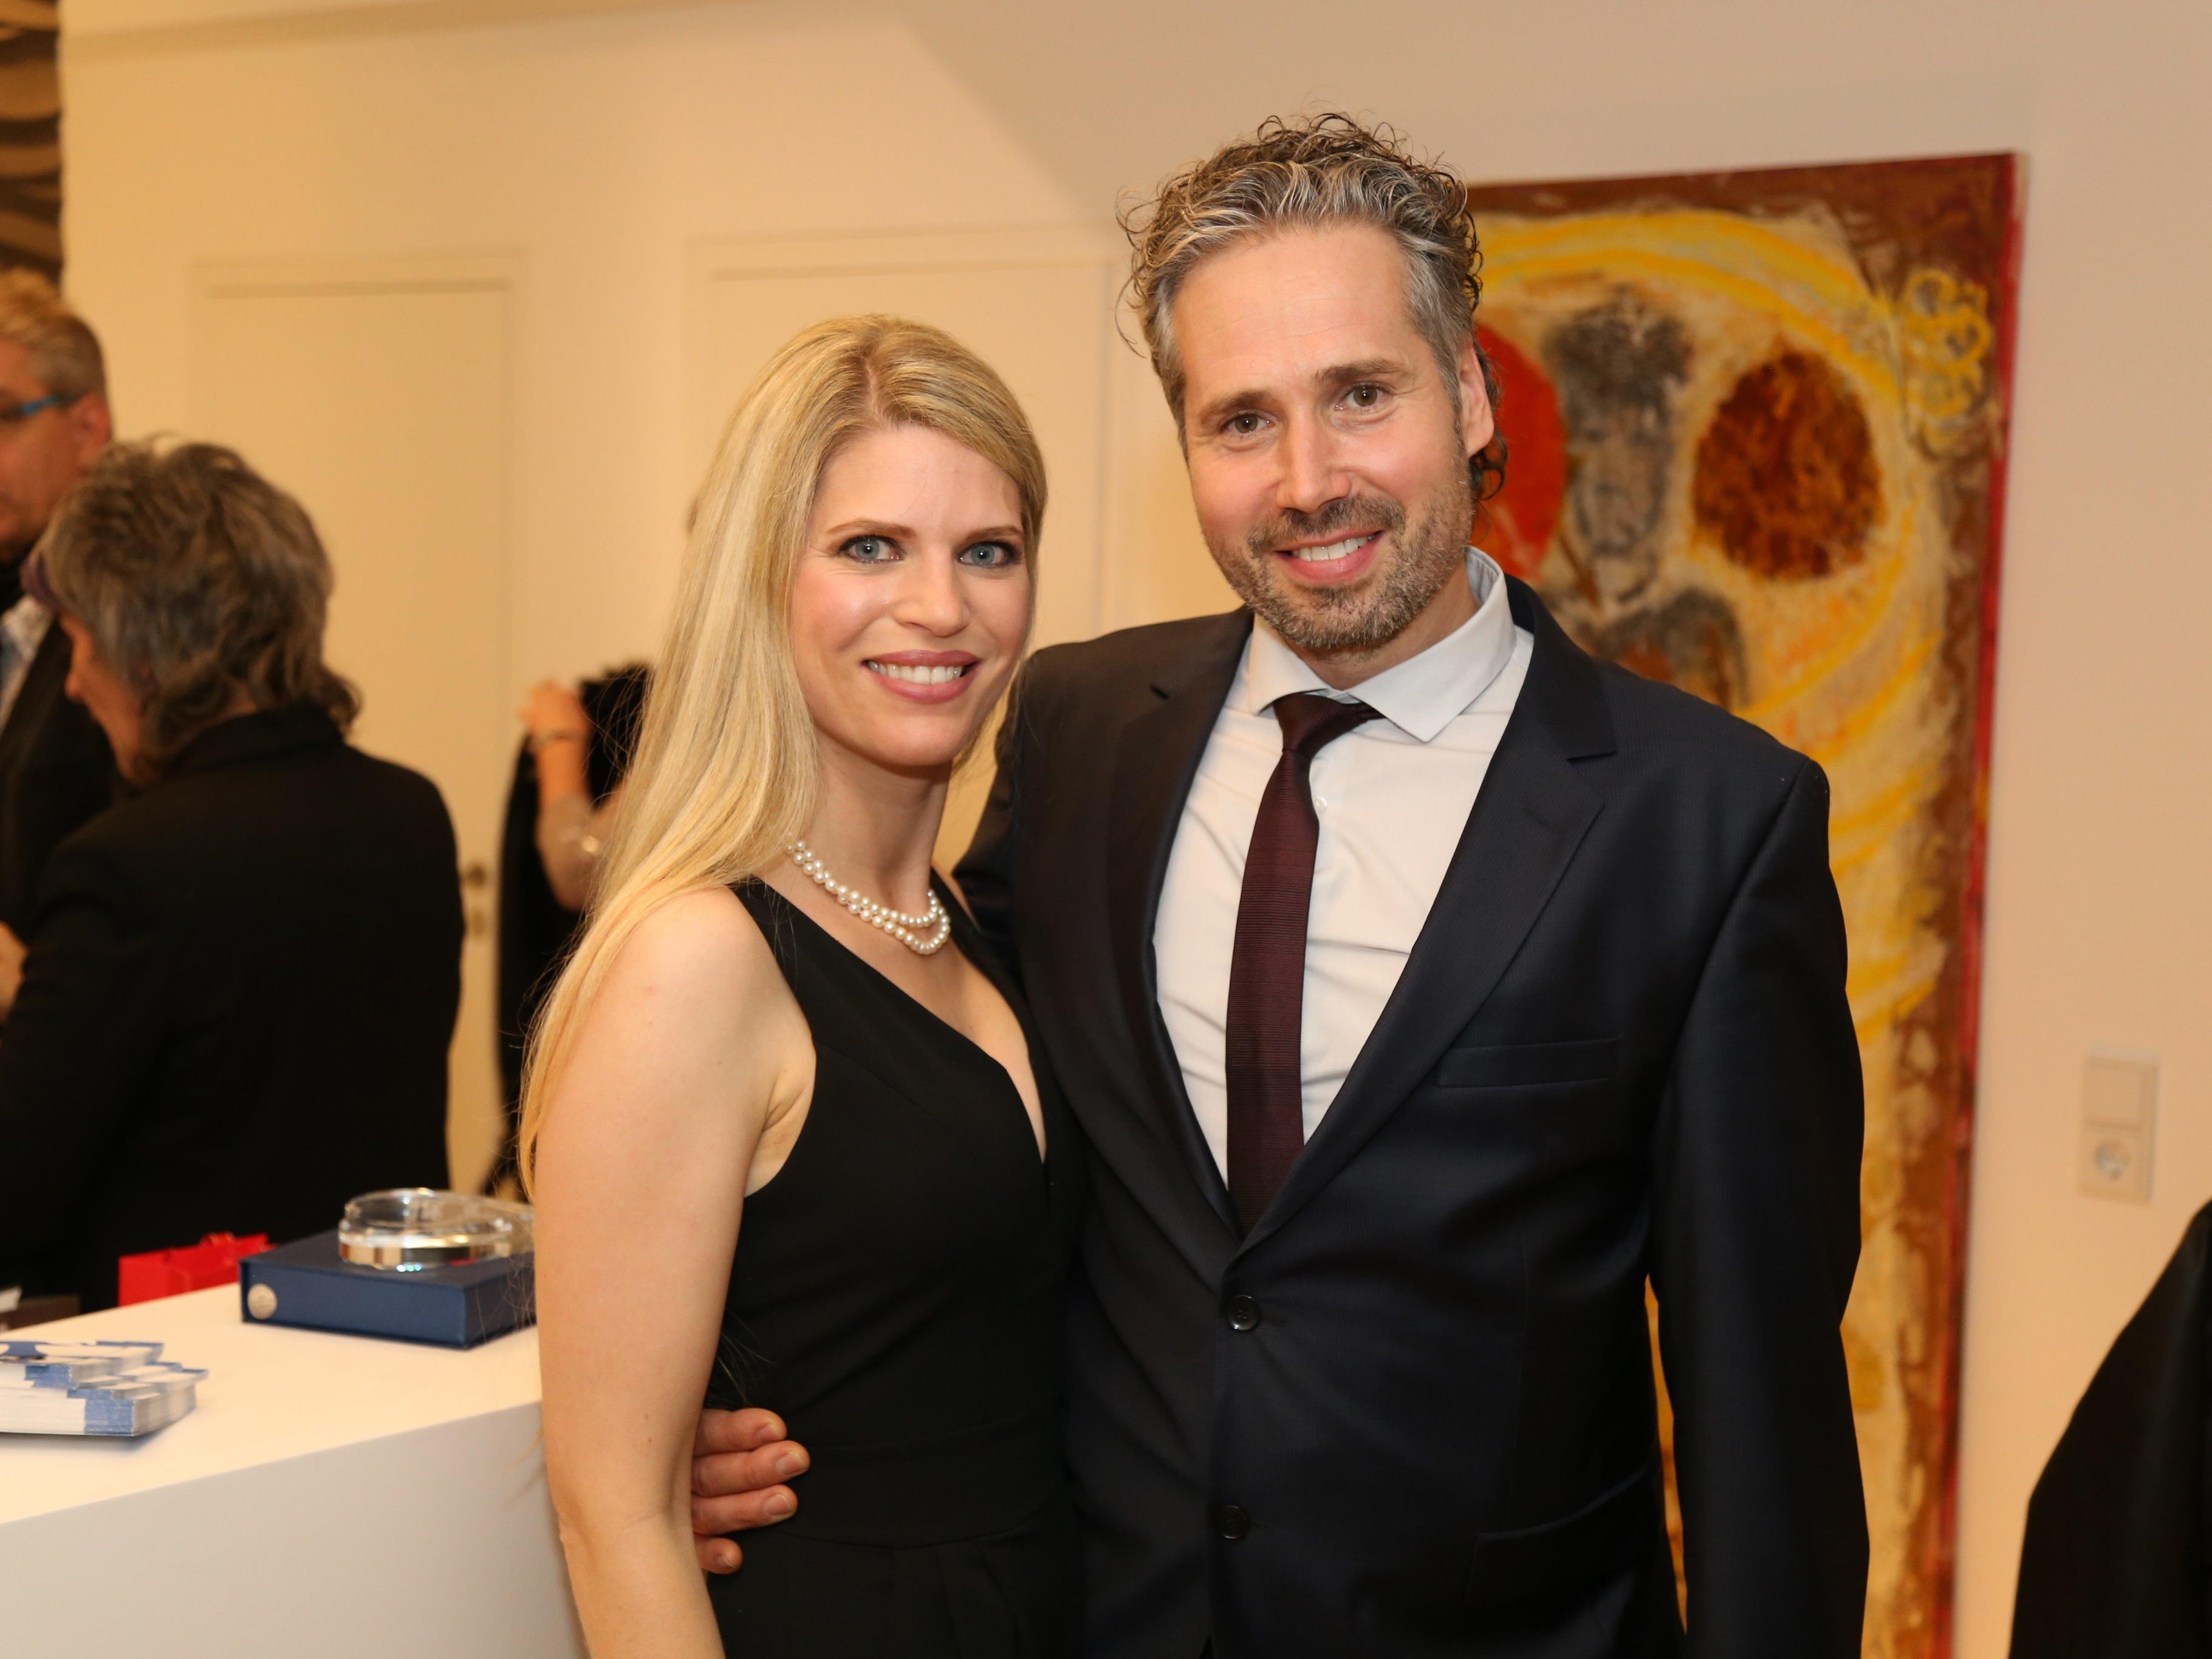 Dr. Thorsten Eismann eröffnete mit seiner Gattin Dr. Silvia Eismann die 138 m² große Praxis in der Saalbaugasse 4.